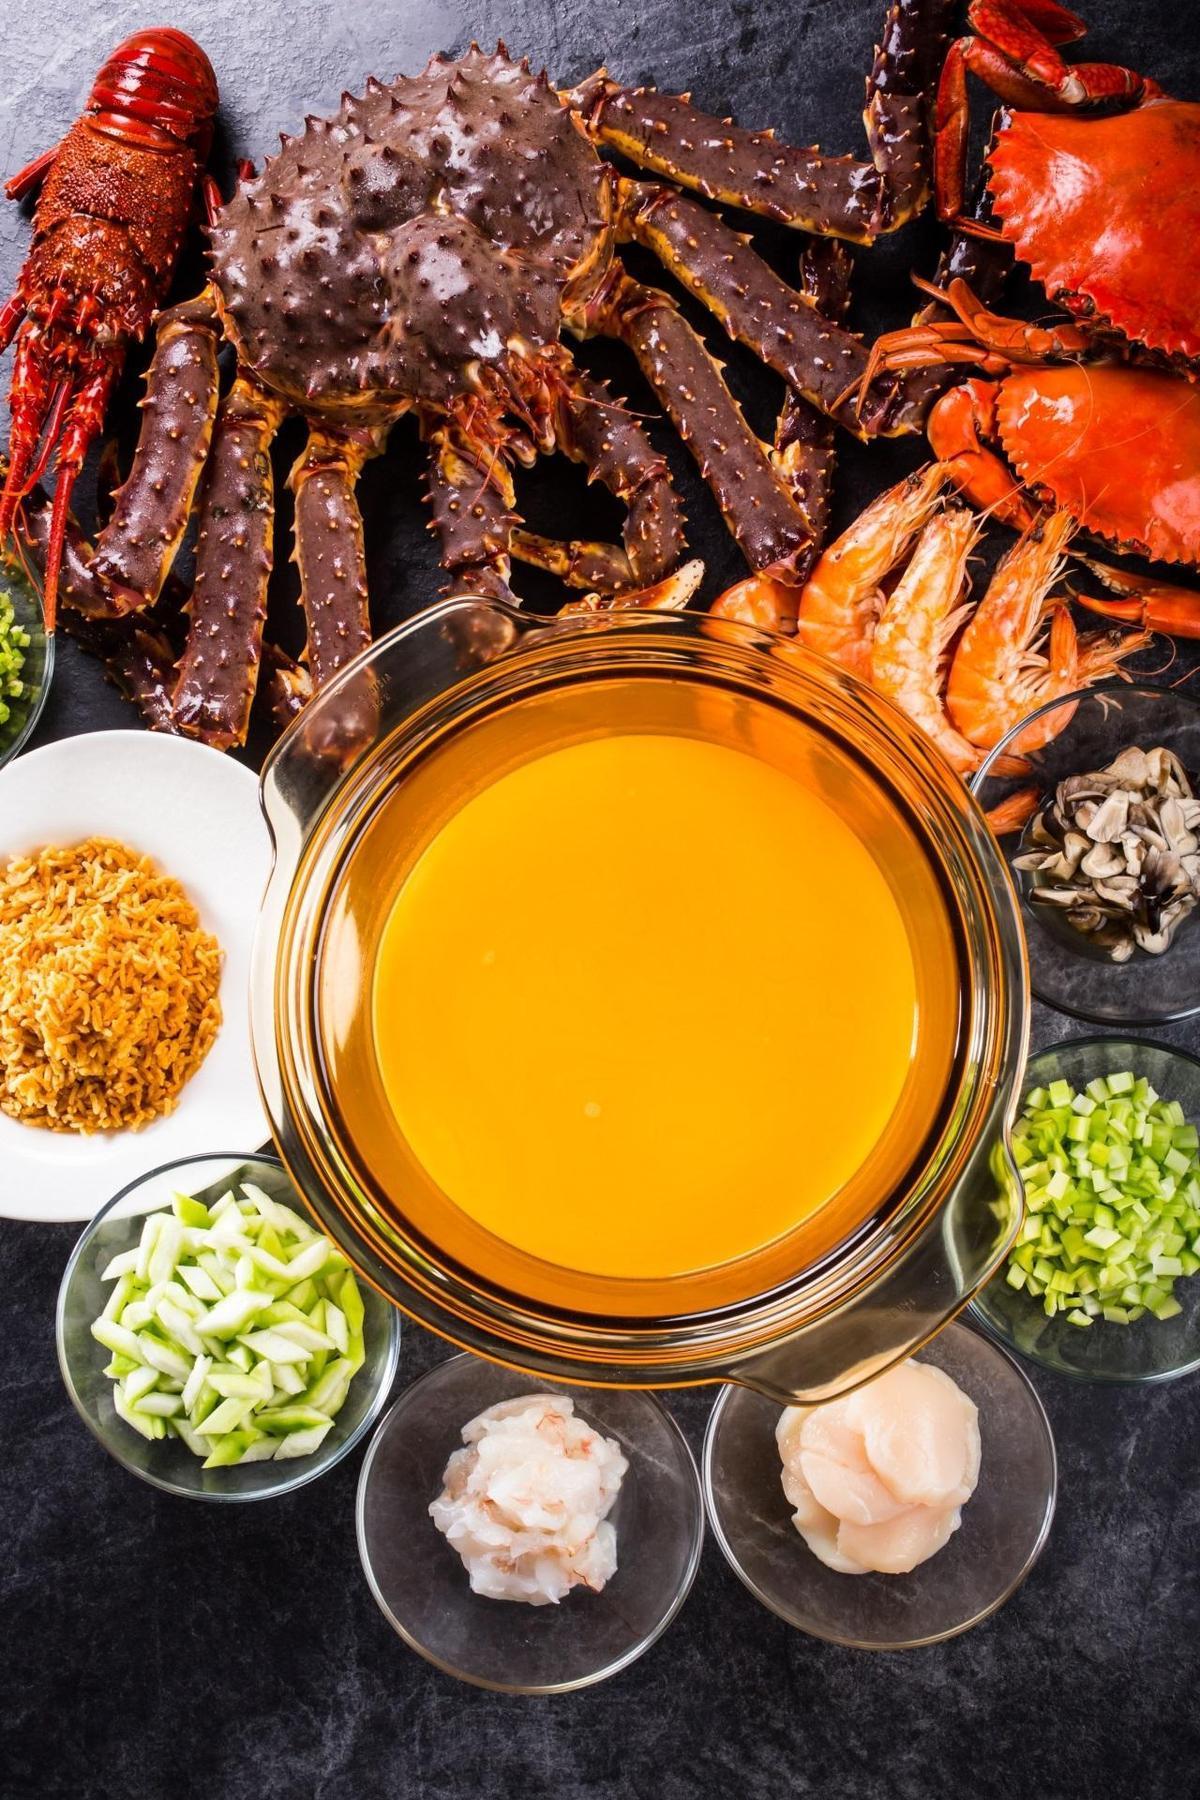 粉橘色高湯是以龍蝦、蟹殼、白蝦熬煮的精華海味。(台北晶華酒店提供)